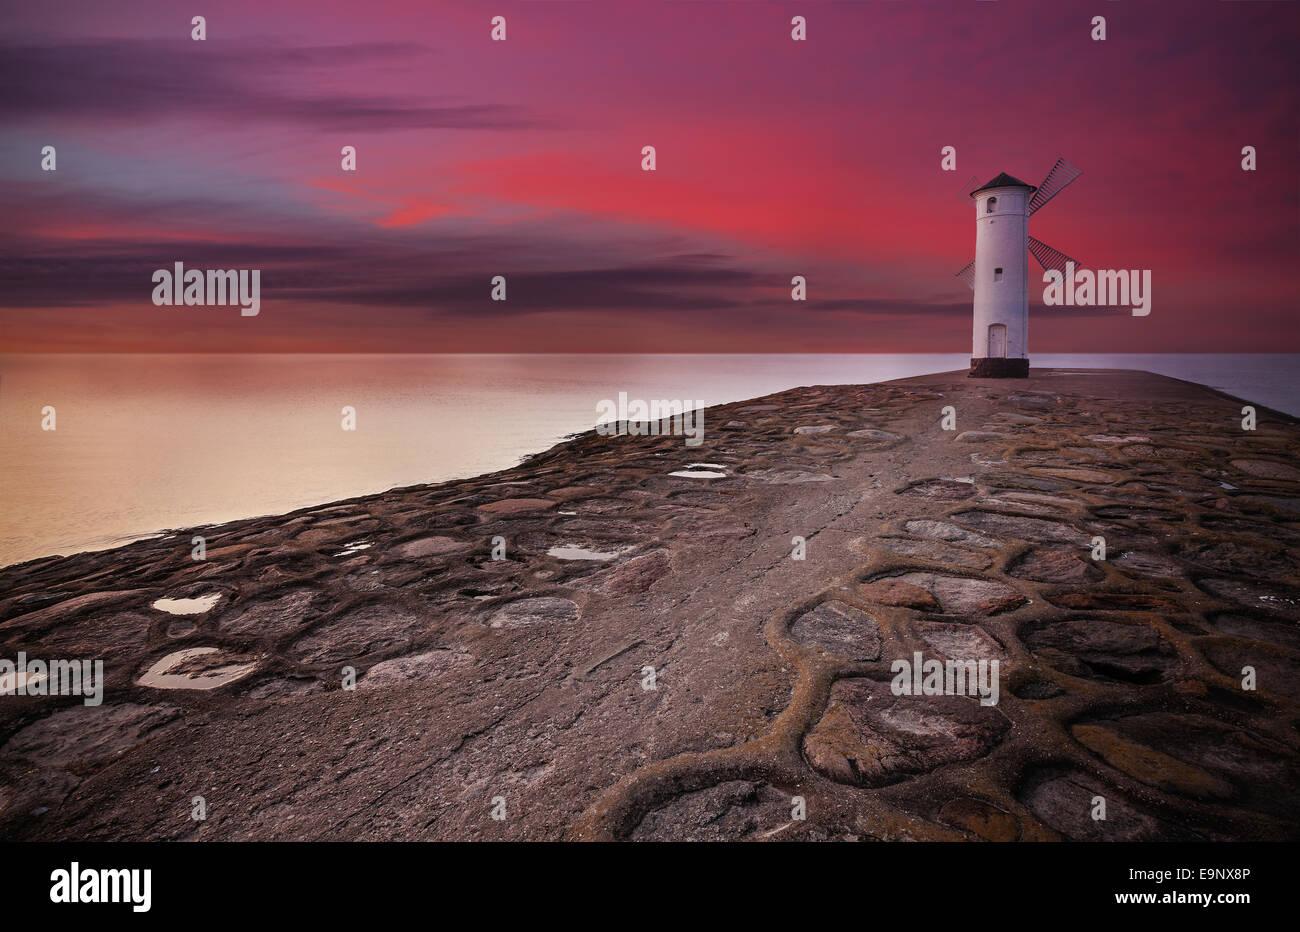 Mulino a vento del faro di Stawa Mlyny con un cielo di tramonto spettacolare. Foto Stock